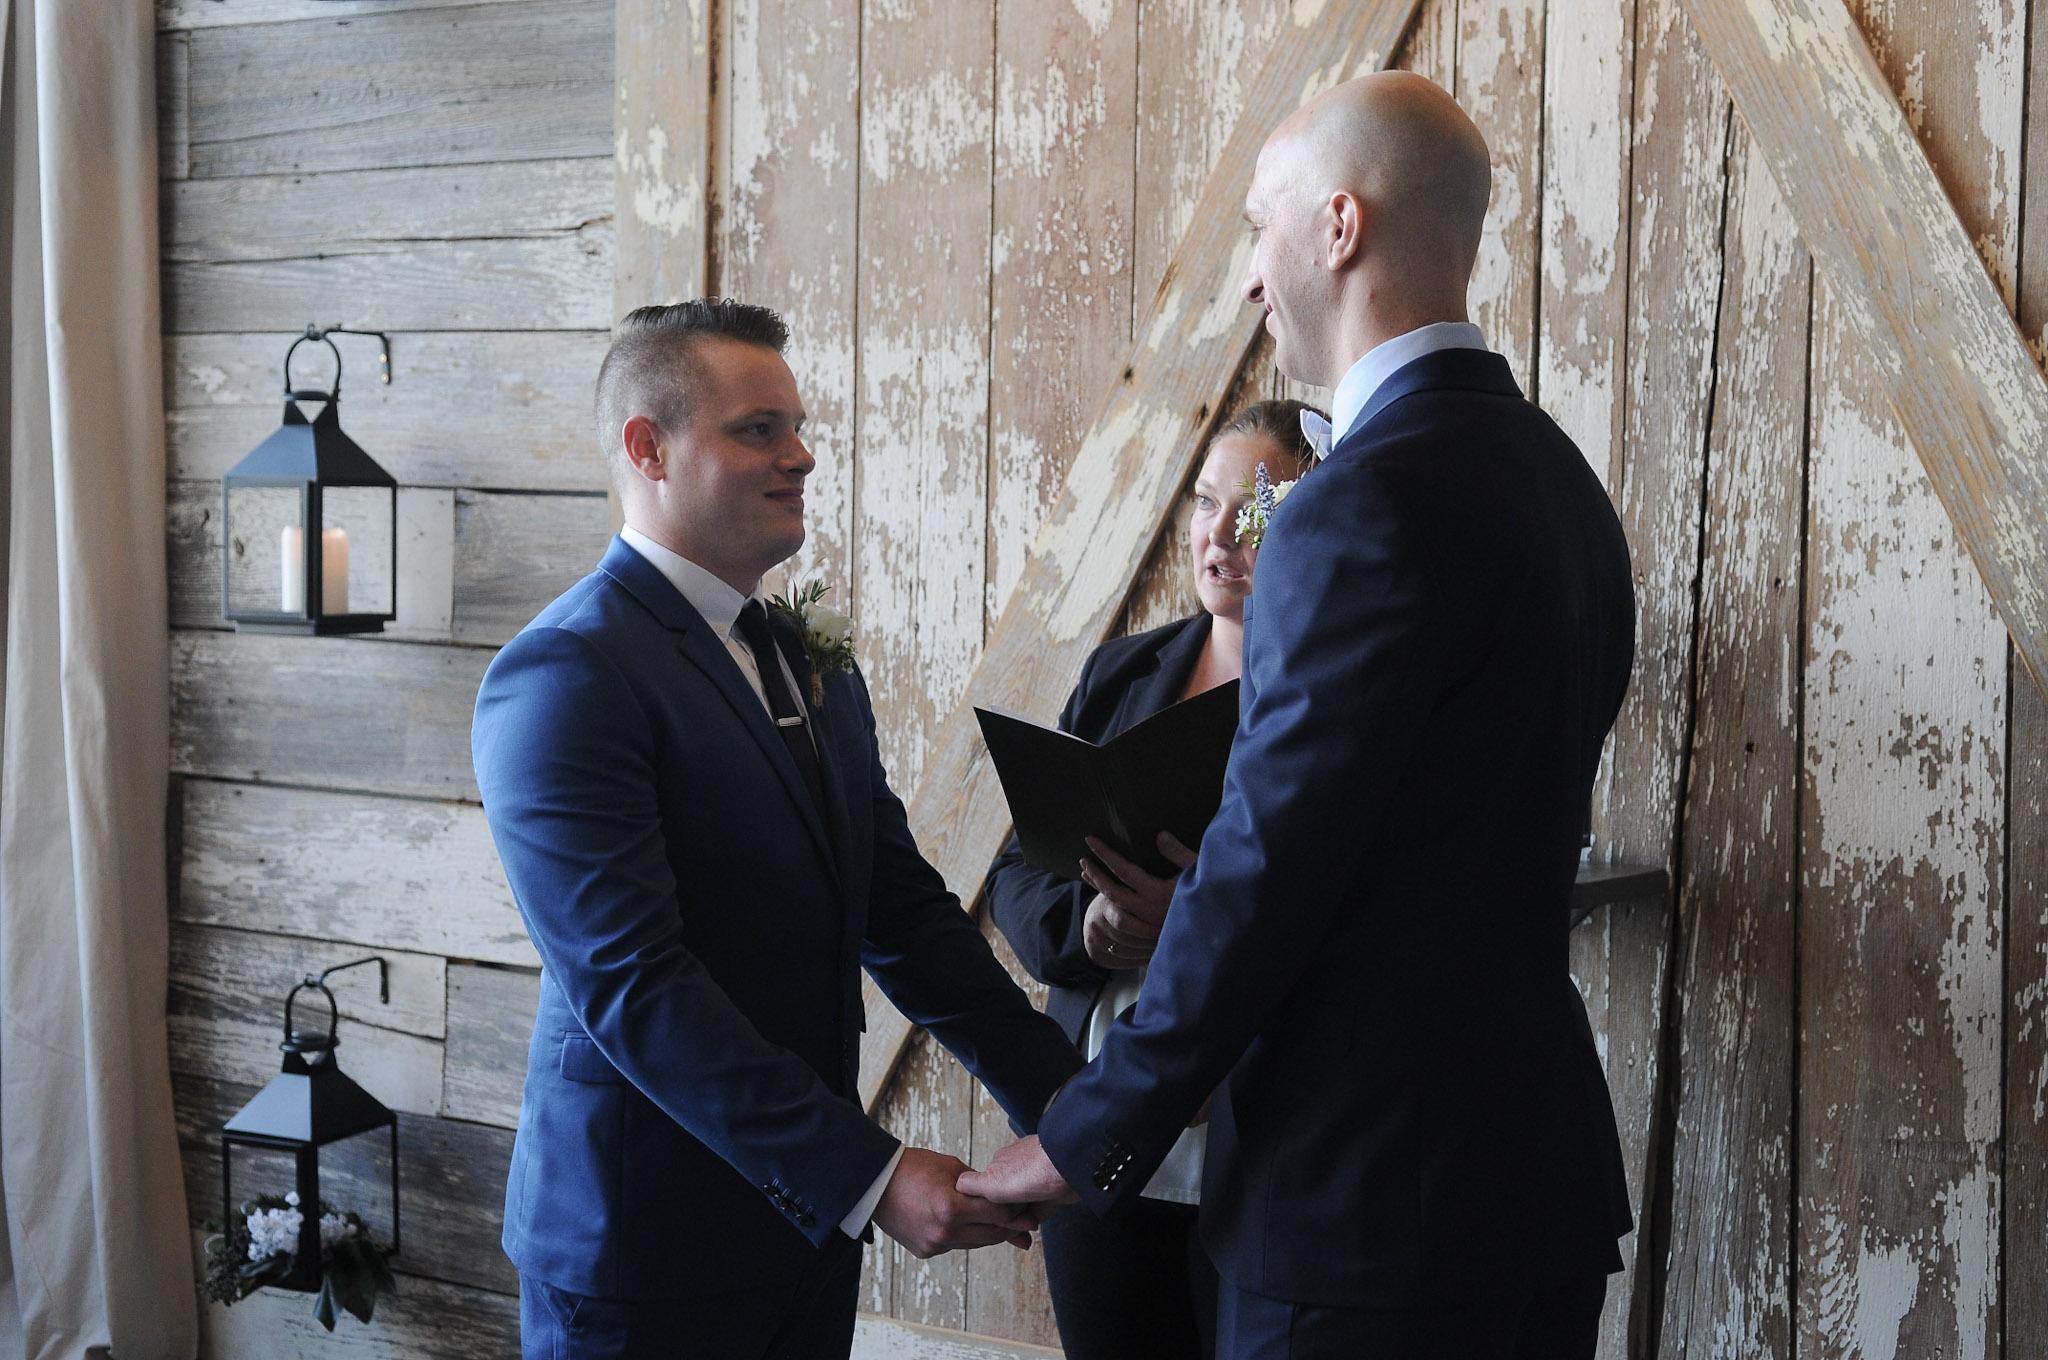 Kansas_City_Small_Intimate_Budget_Wedding_Venue_IMG_7342.jpg